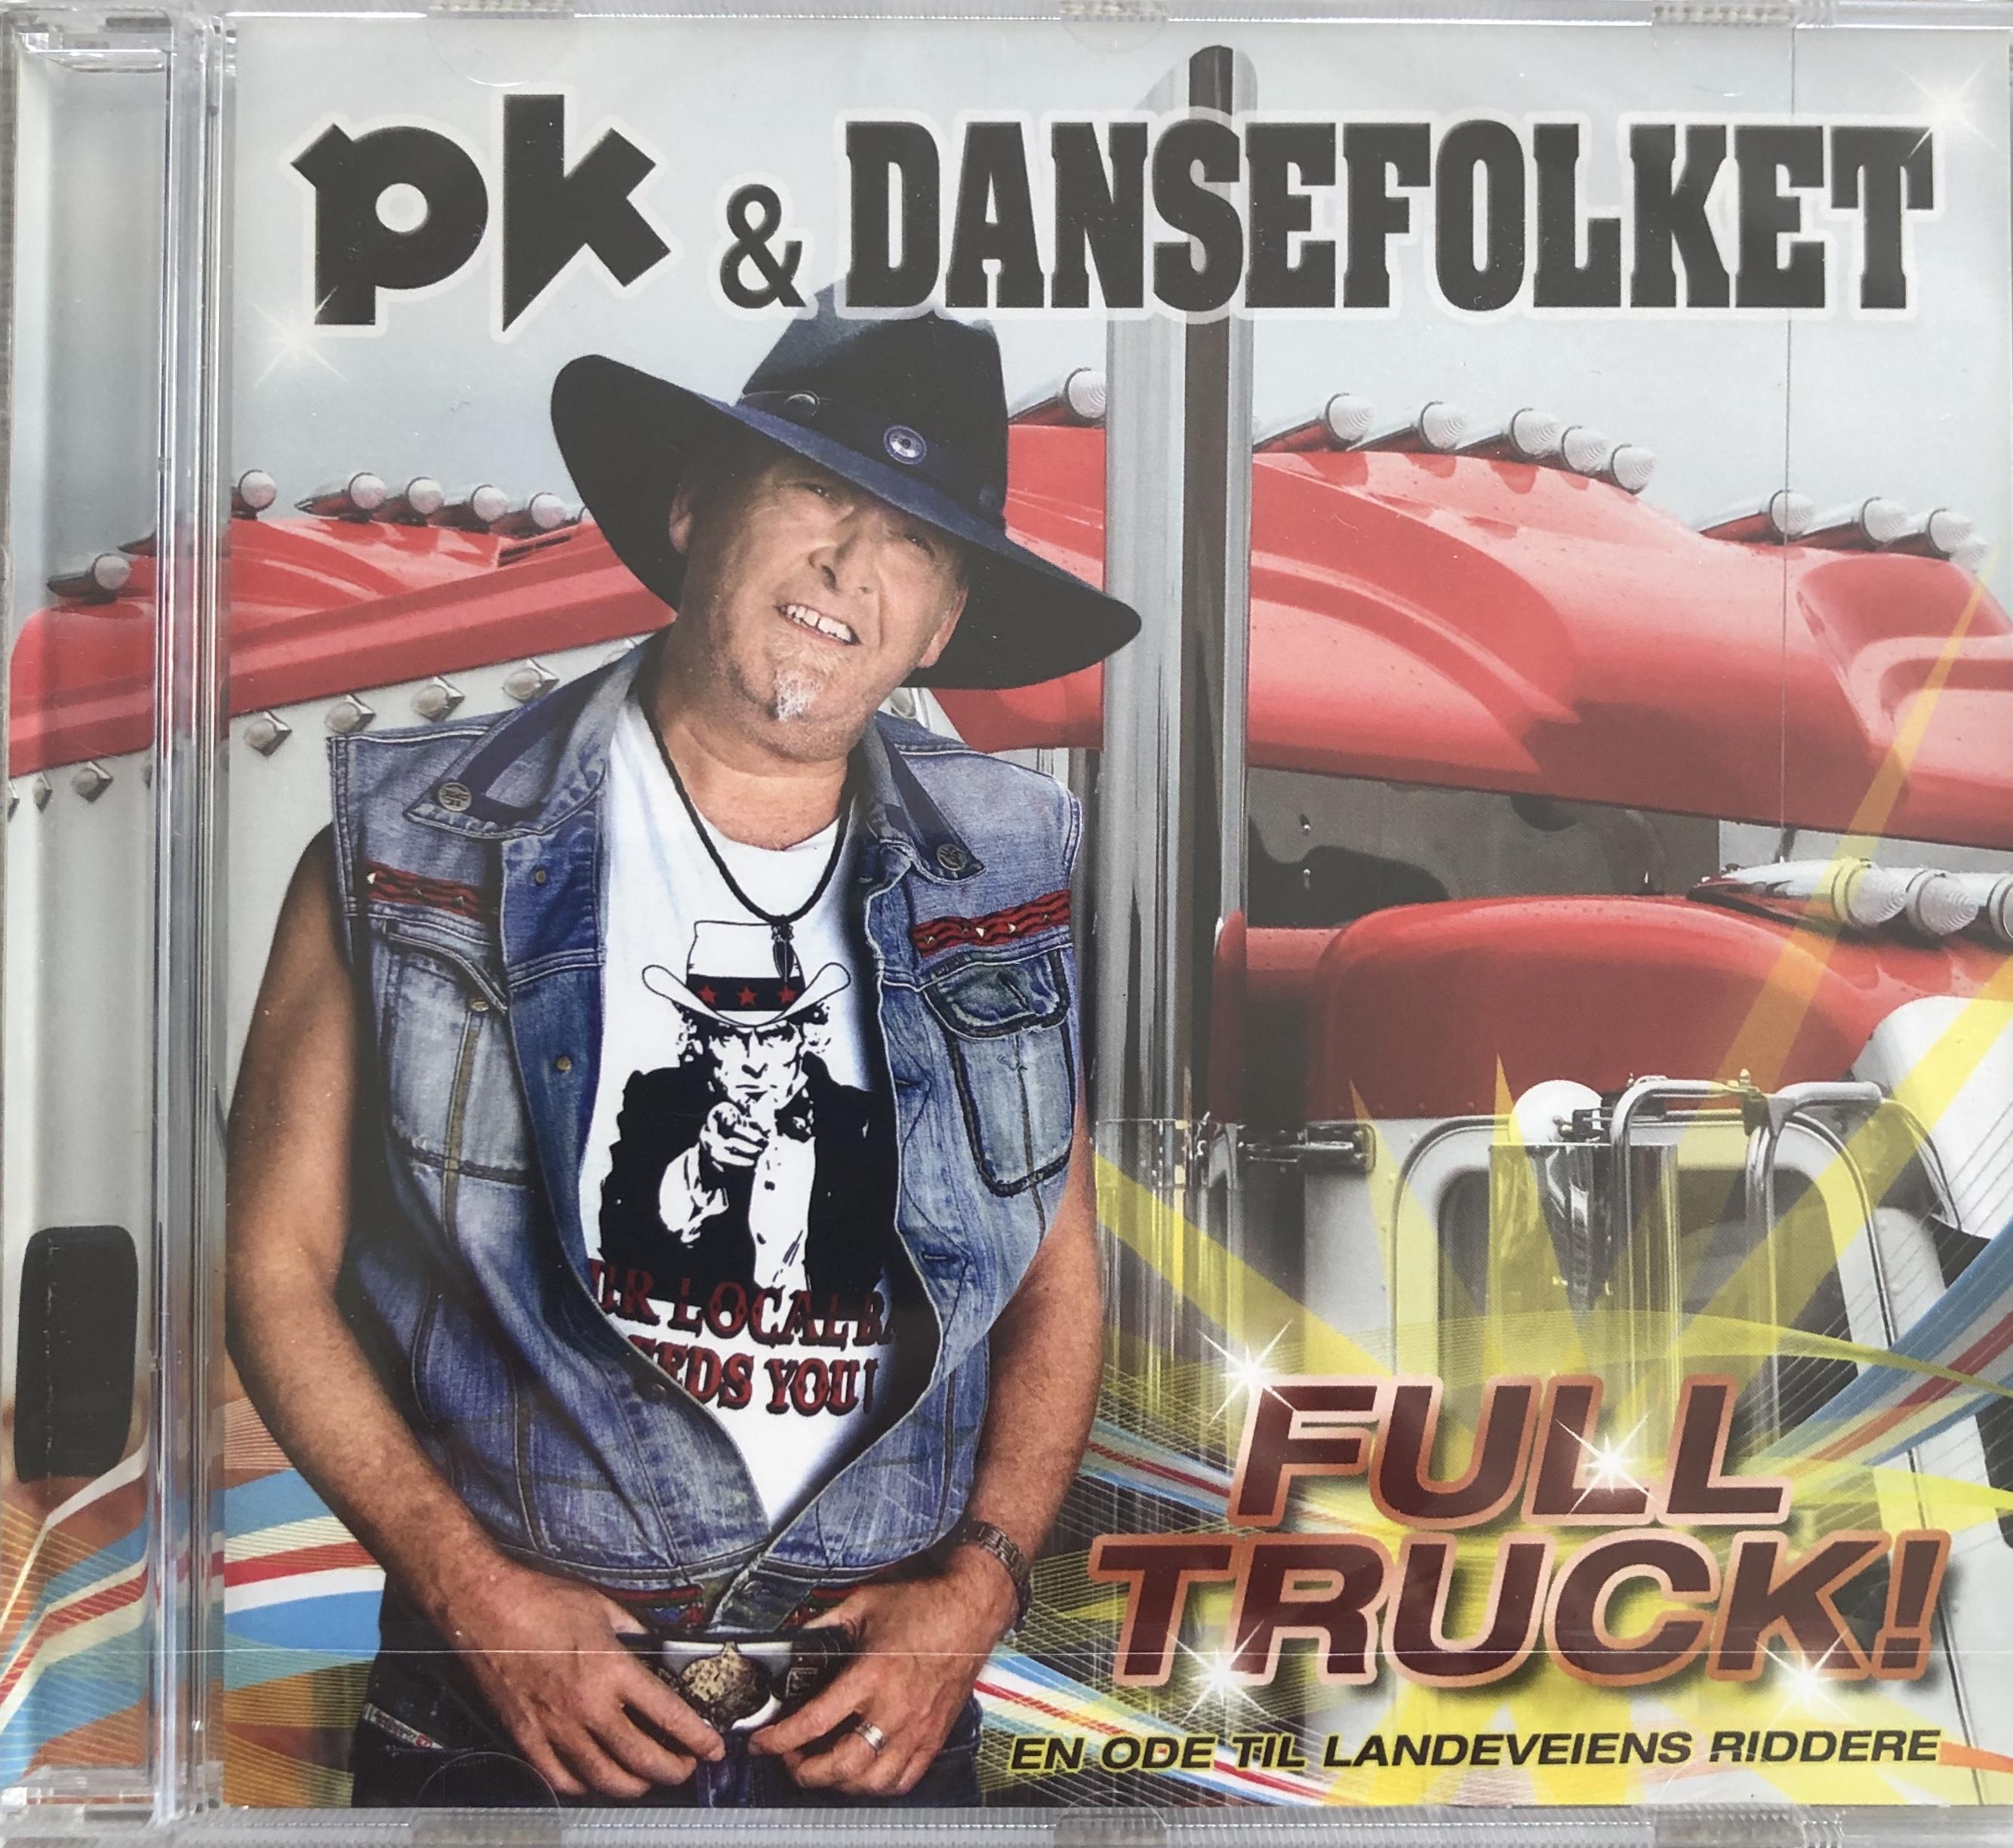 1 «Country Songs» + fritt valg av 1 CD til, Ink frakt